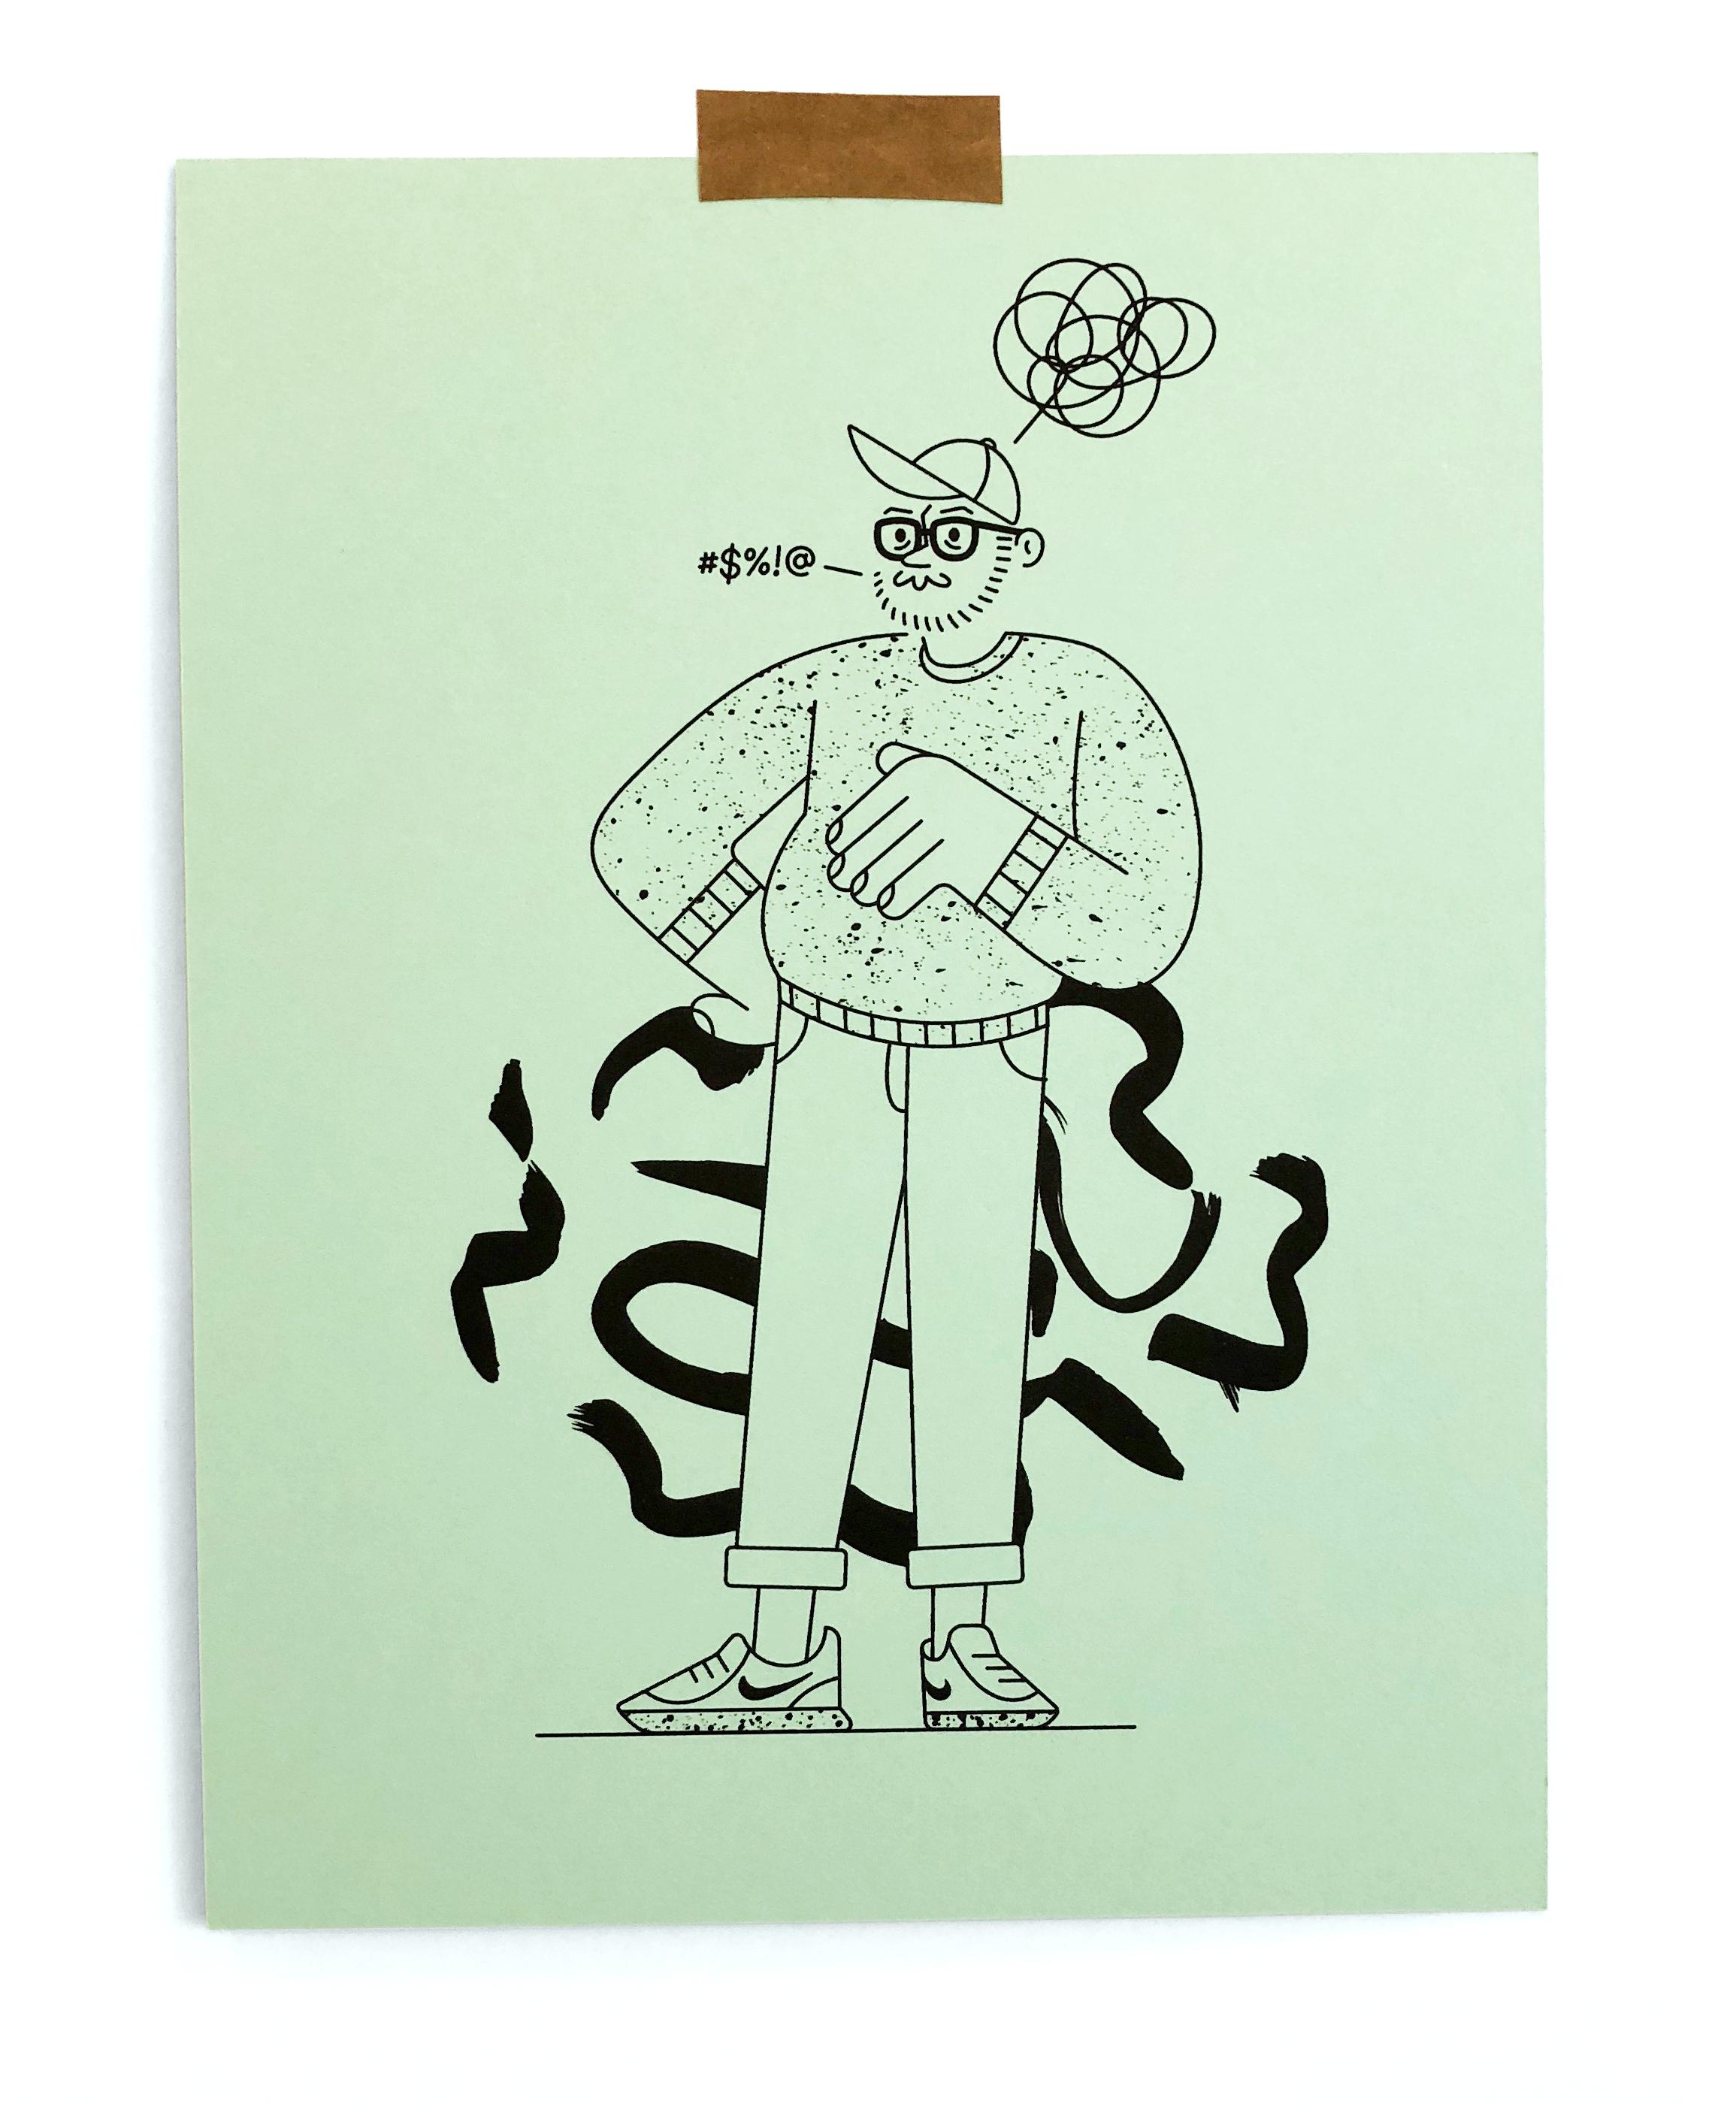 putnam-comic-01.png